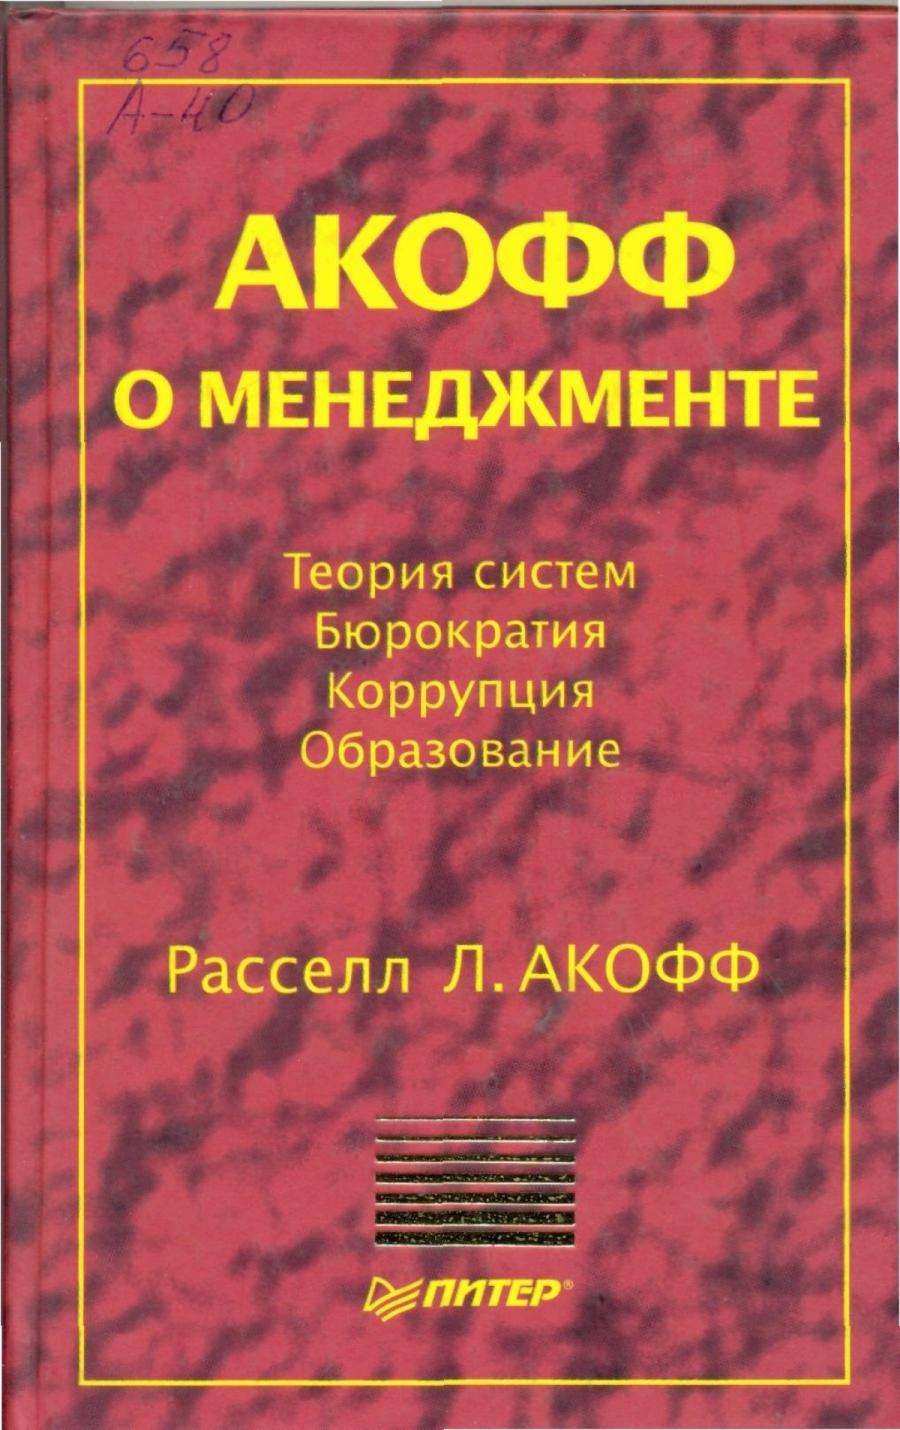 Обложка книги:  теория и практика менеджмента - расселл л. акофф - акофф о менеджменте